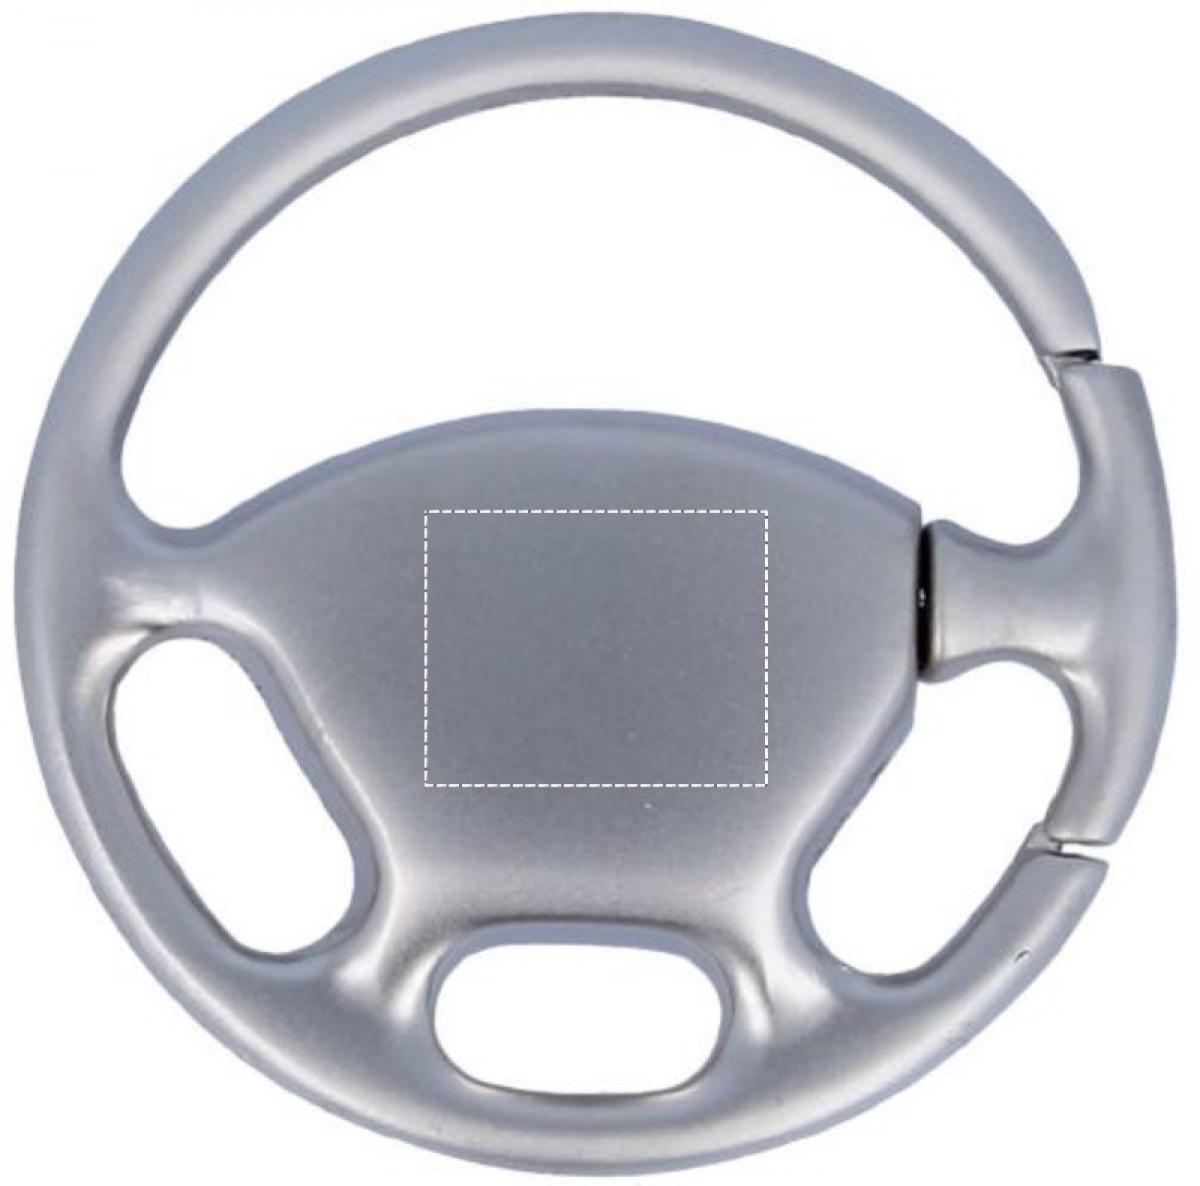 Sleutelhanger stuurwiel - Back